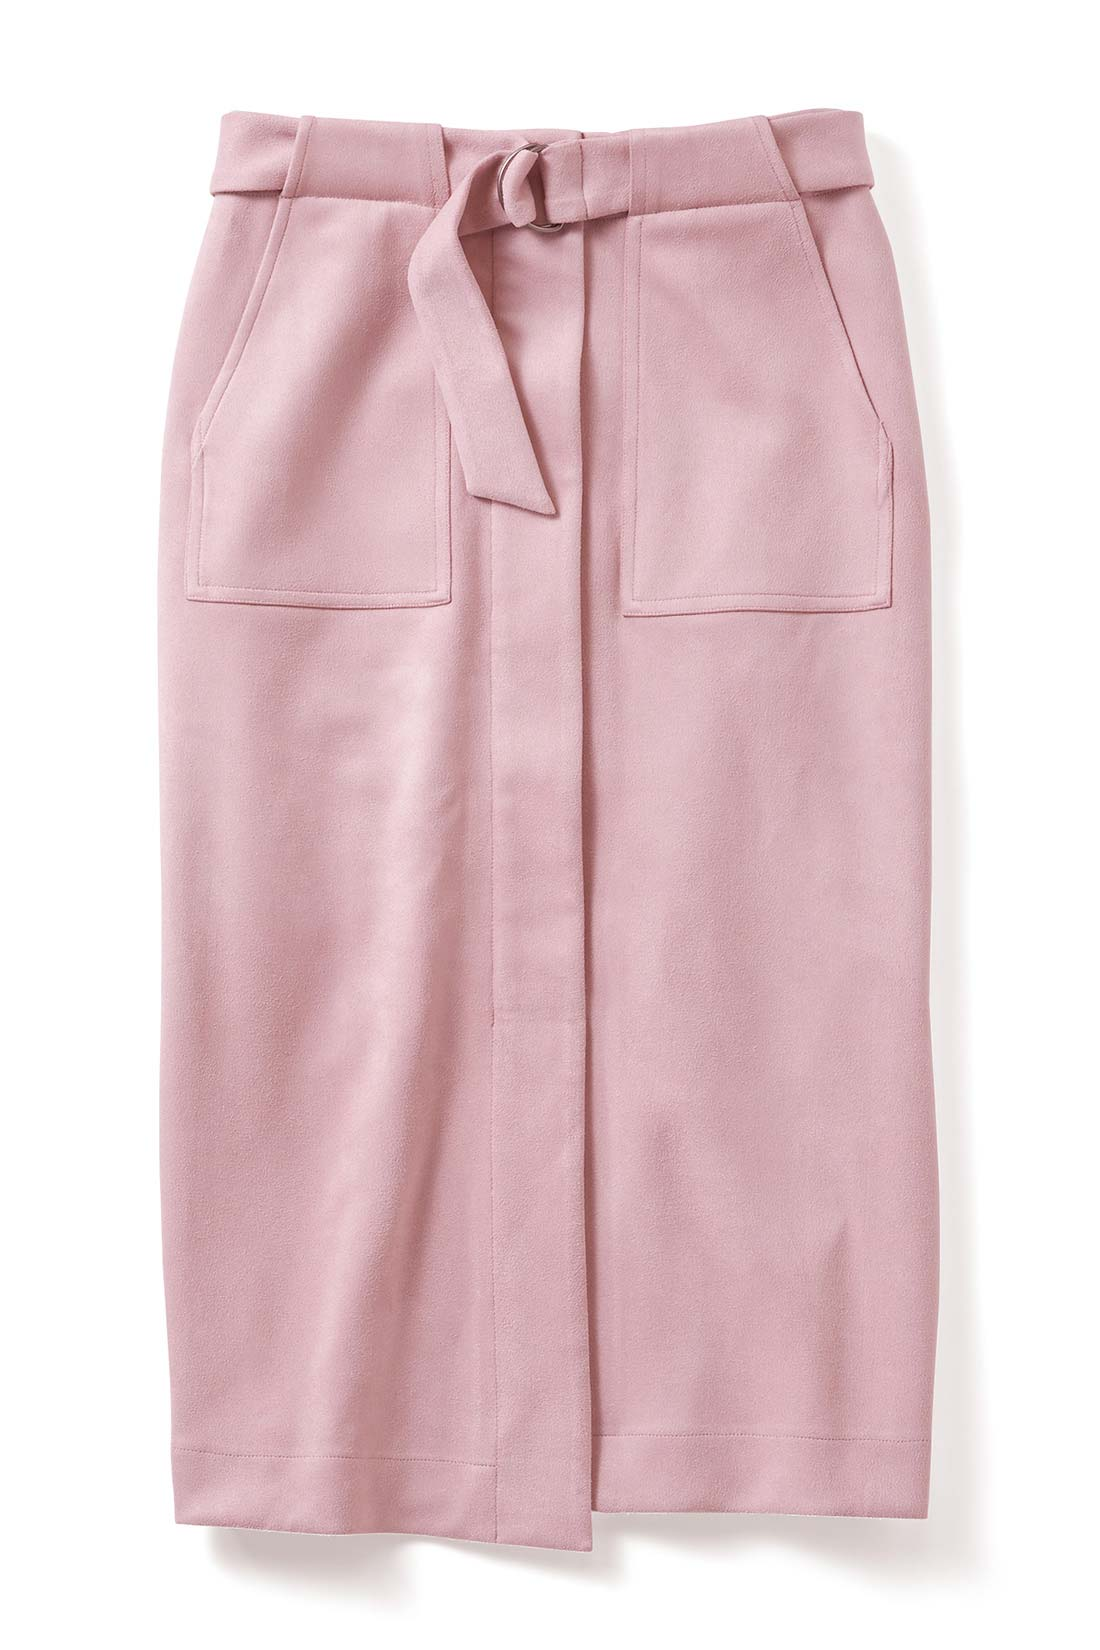 ほんのりフェミニンな〈スモーキーピンク〉 旬のベイカーポケットデザインは、腰まわりのカモフラージュ効果も期待大。脚さばきのいいラップ風のスリットからのぞく素肌が女っぷりをアップ。